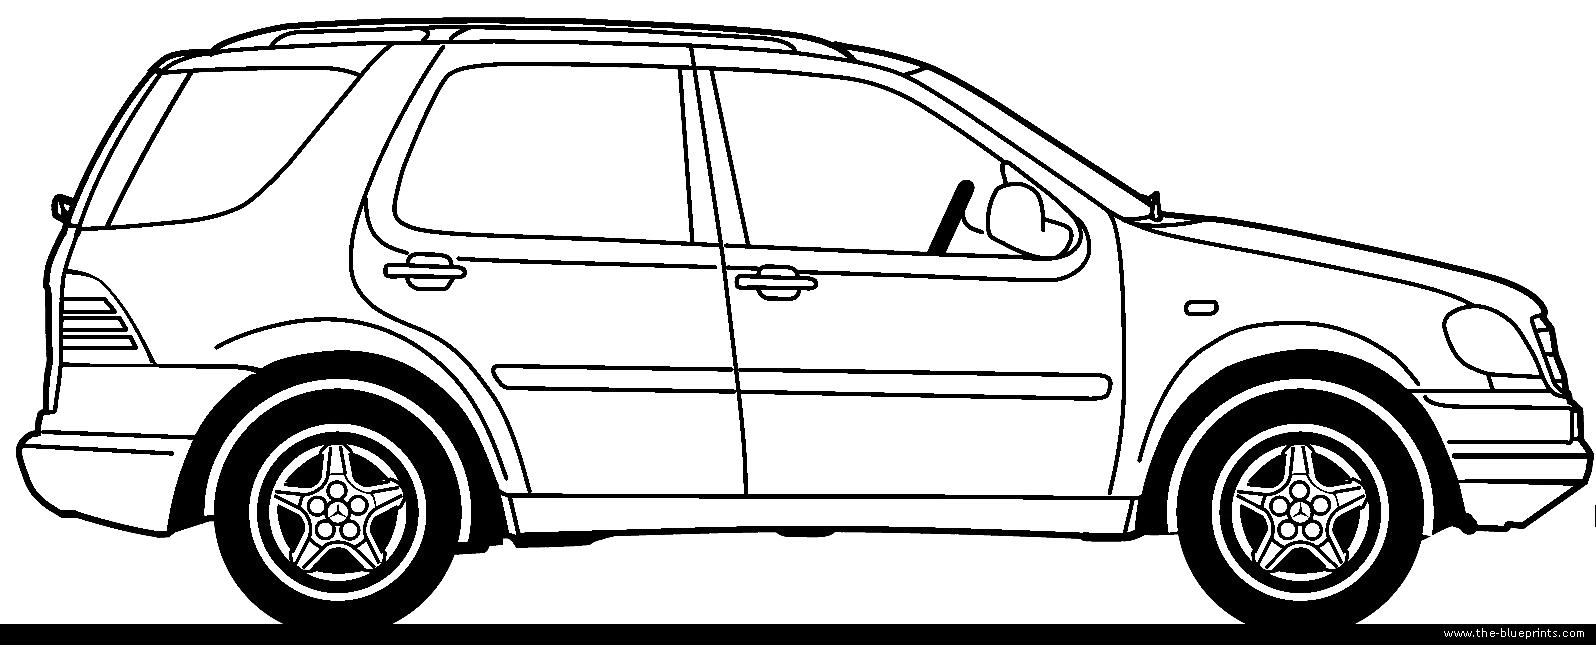 Blueprints > Cars > Mercedes-Benz > Mercedes-Benz ML-Class